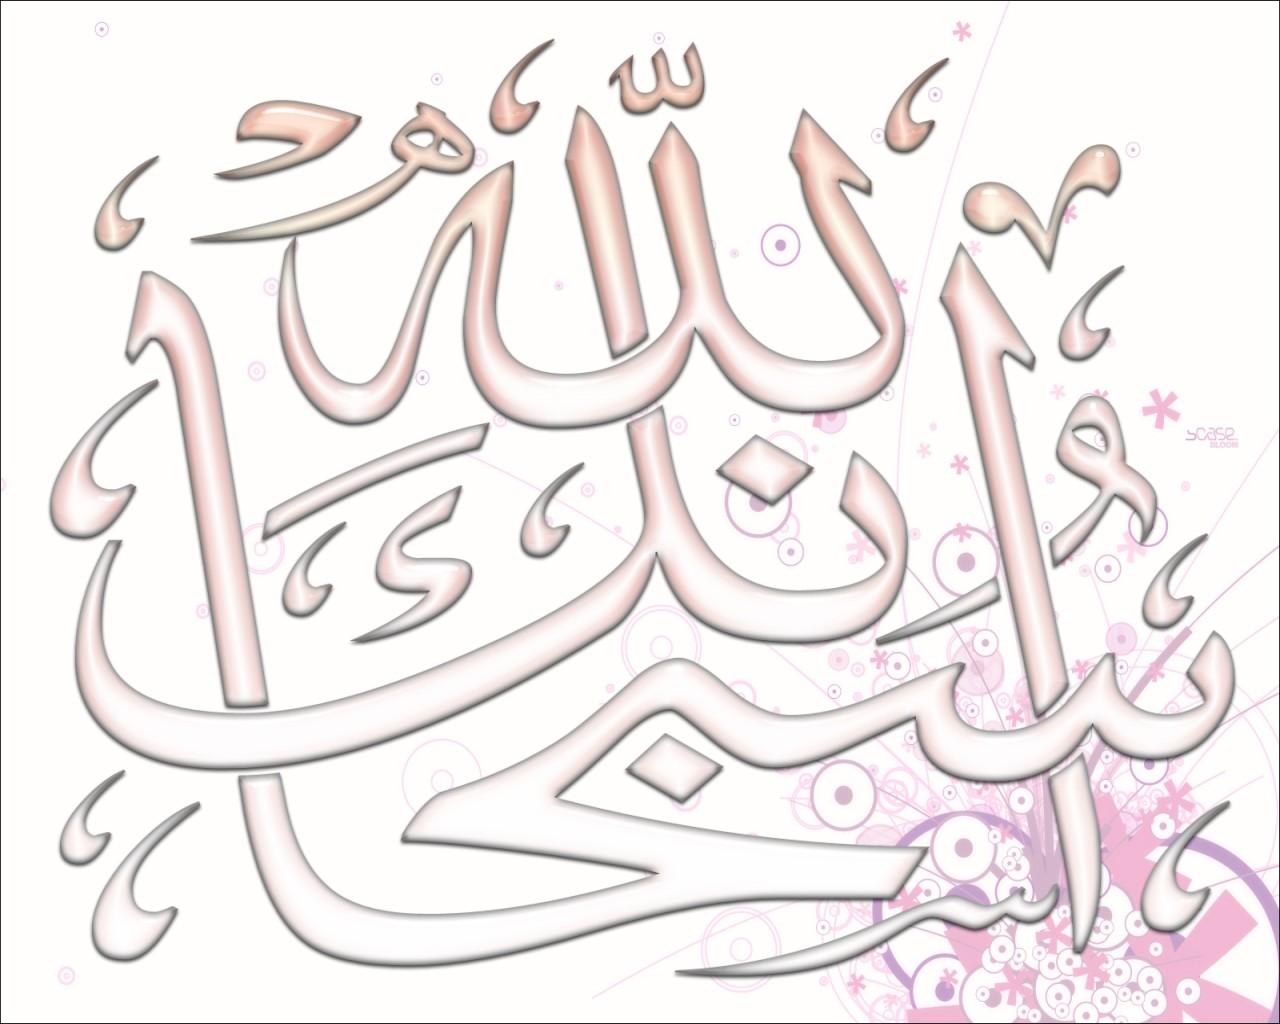 Subhan-Allah | Yasir Imran Mirza